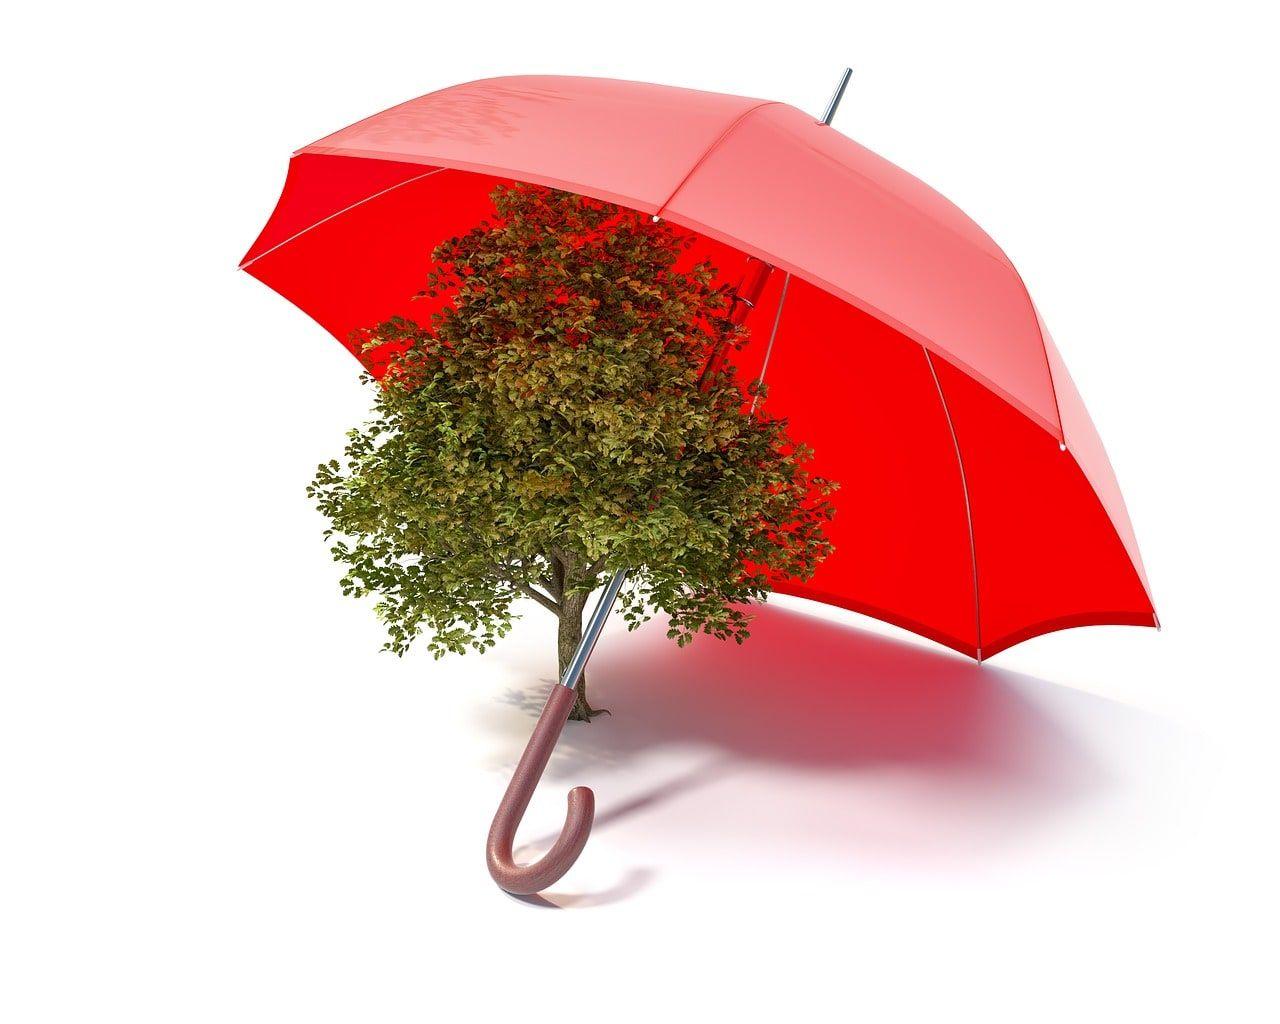 Phải hiểm về sản phẩm bảo hiểm nhân thọ bạn sắp mua